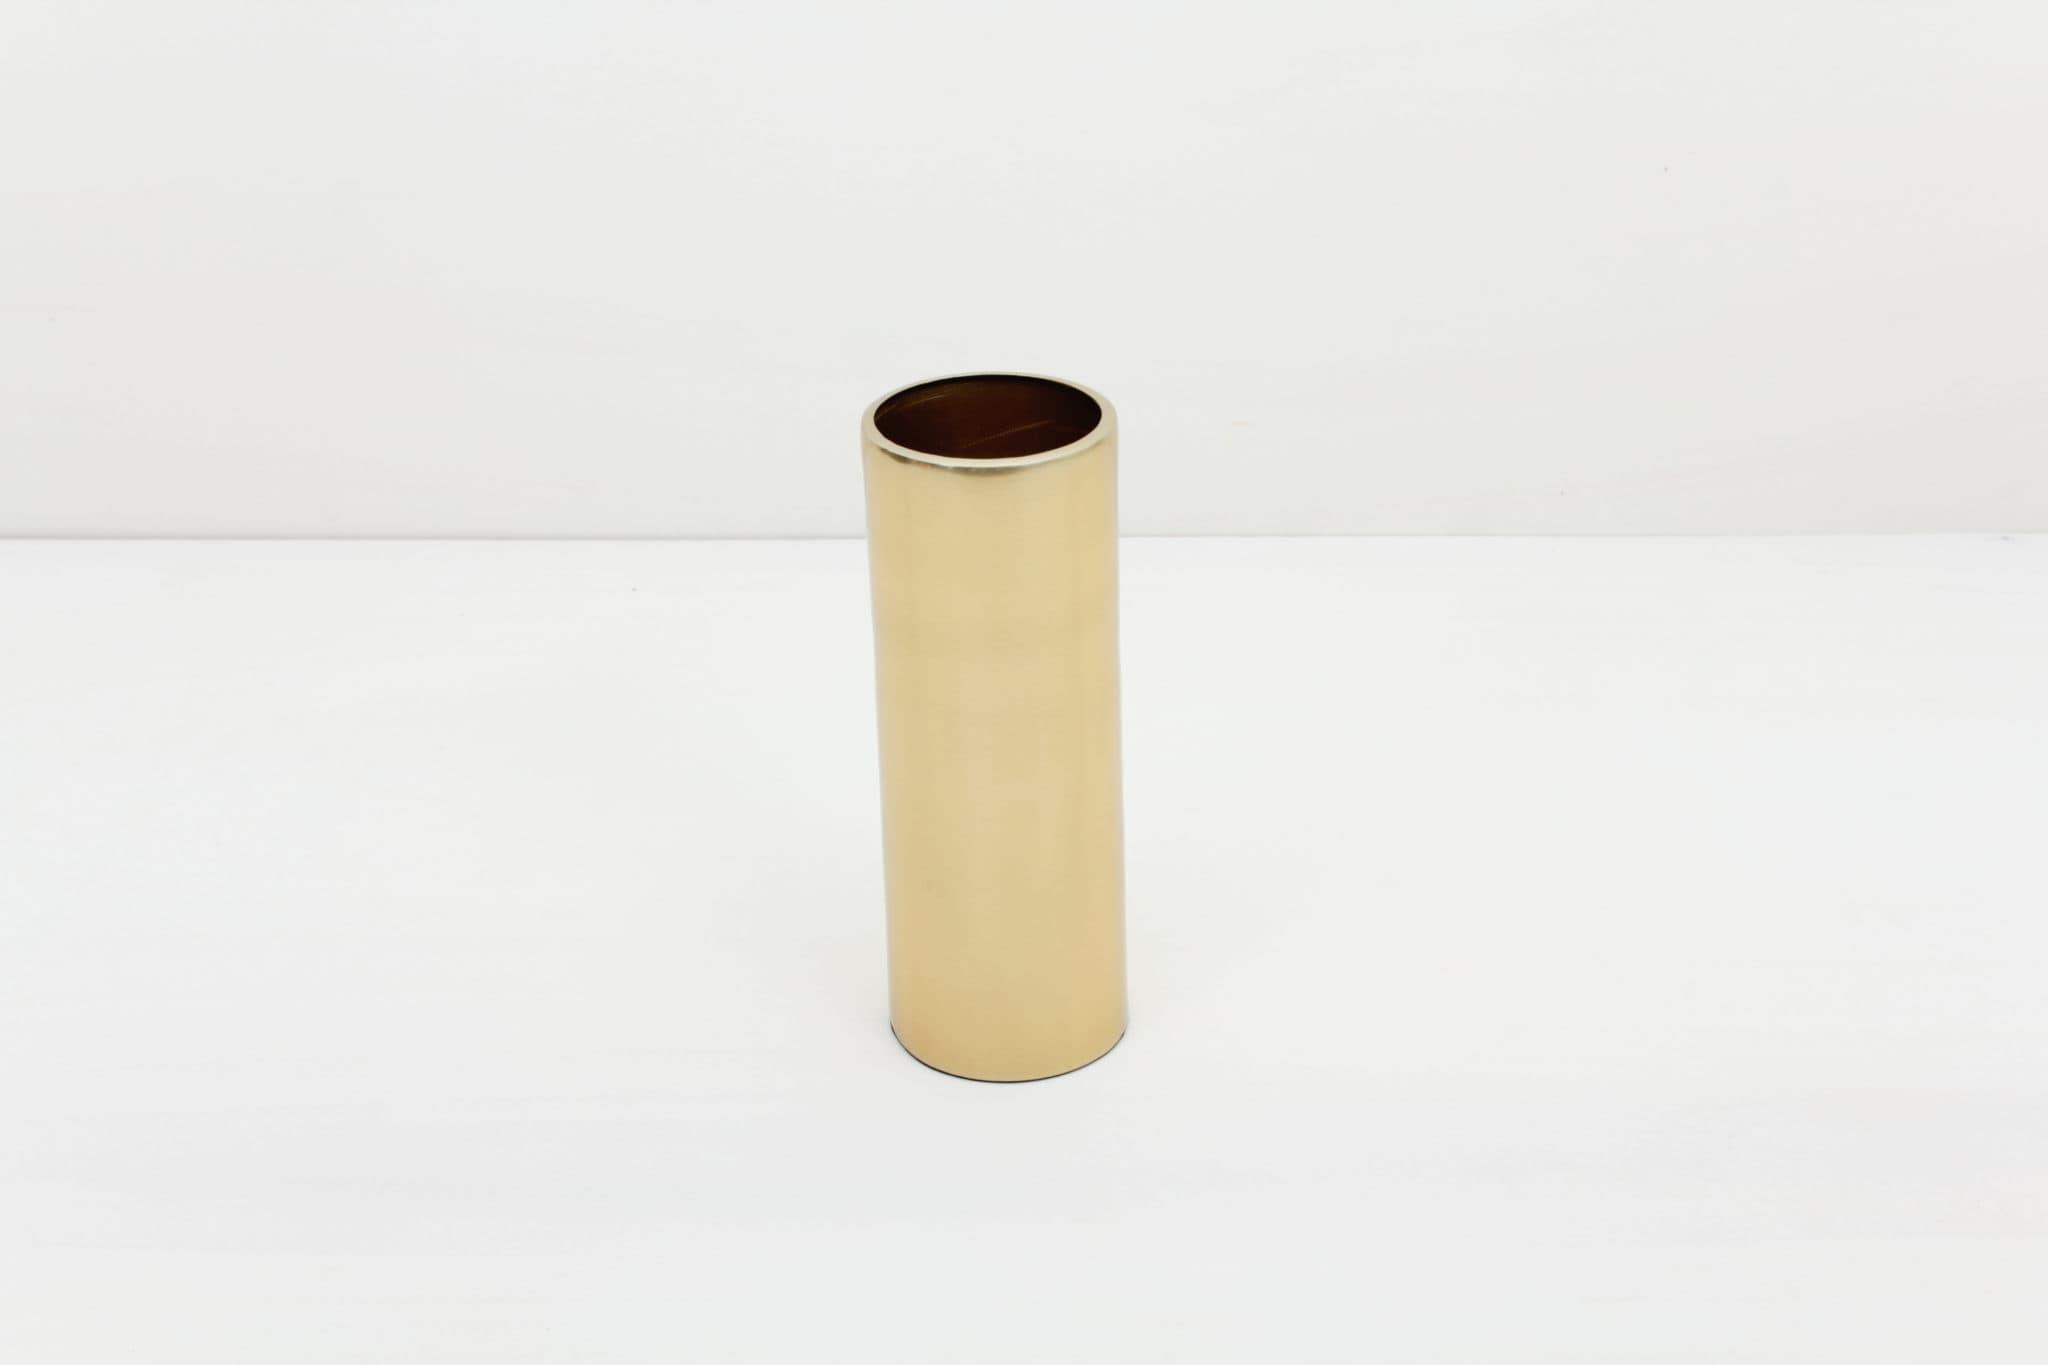 Goldene Vasen, Goldene Dekoration, mieten